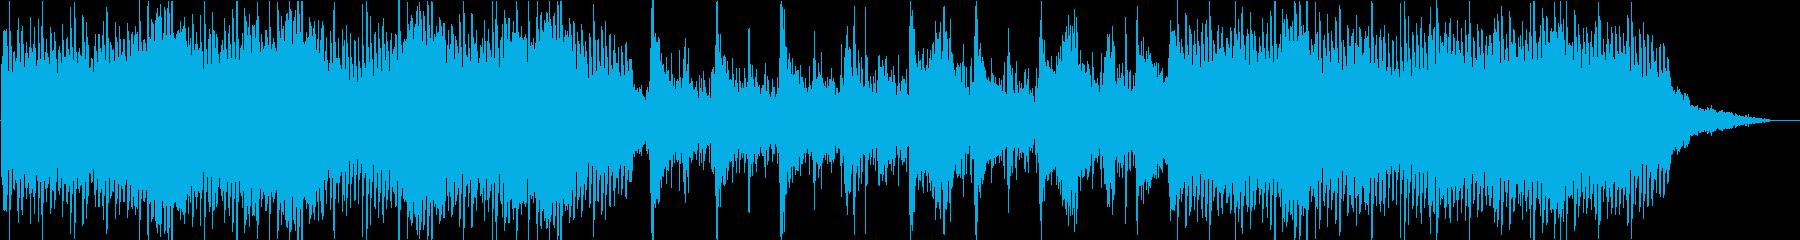 ピアノとストリングスのホラー曲です。似…の再生済みの波形